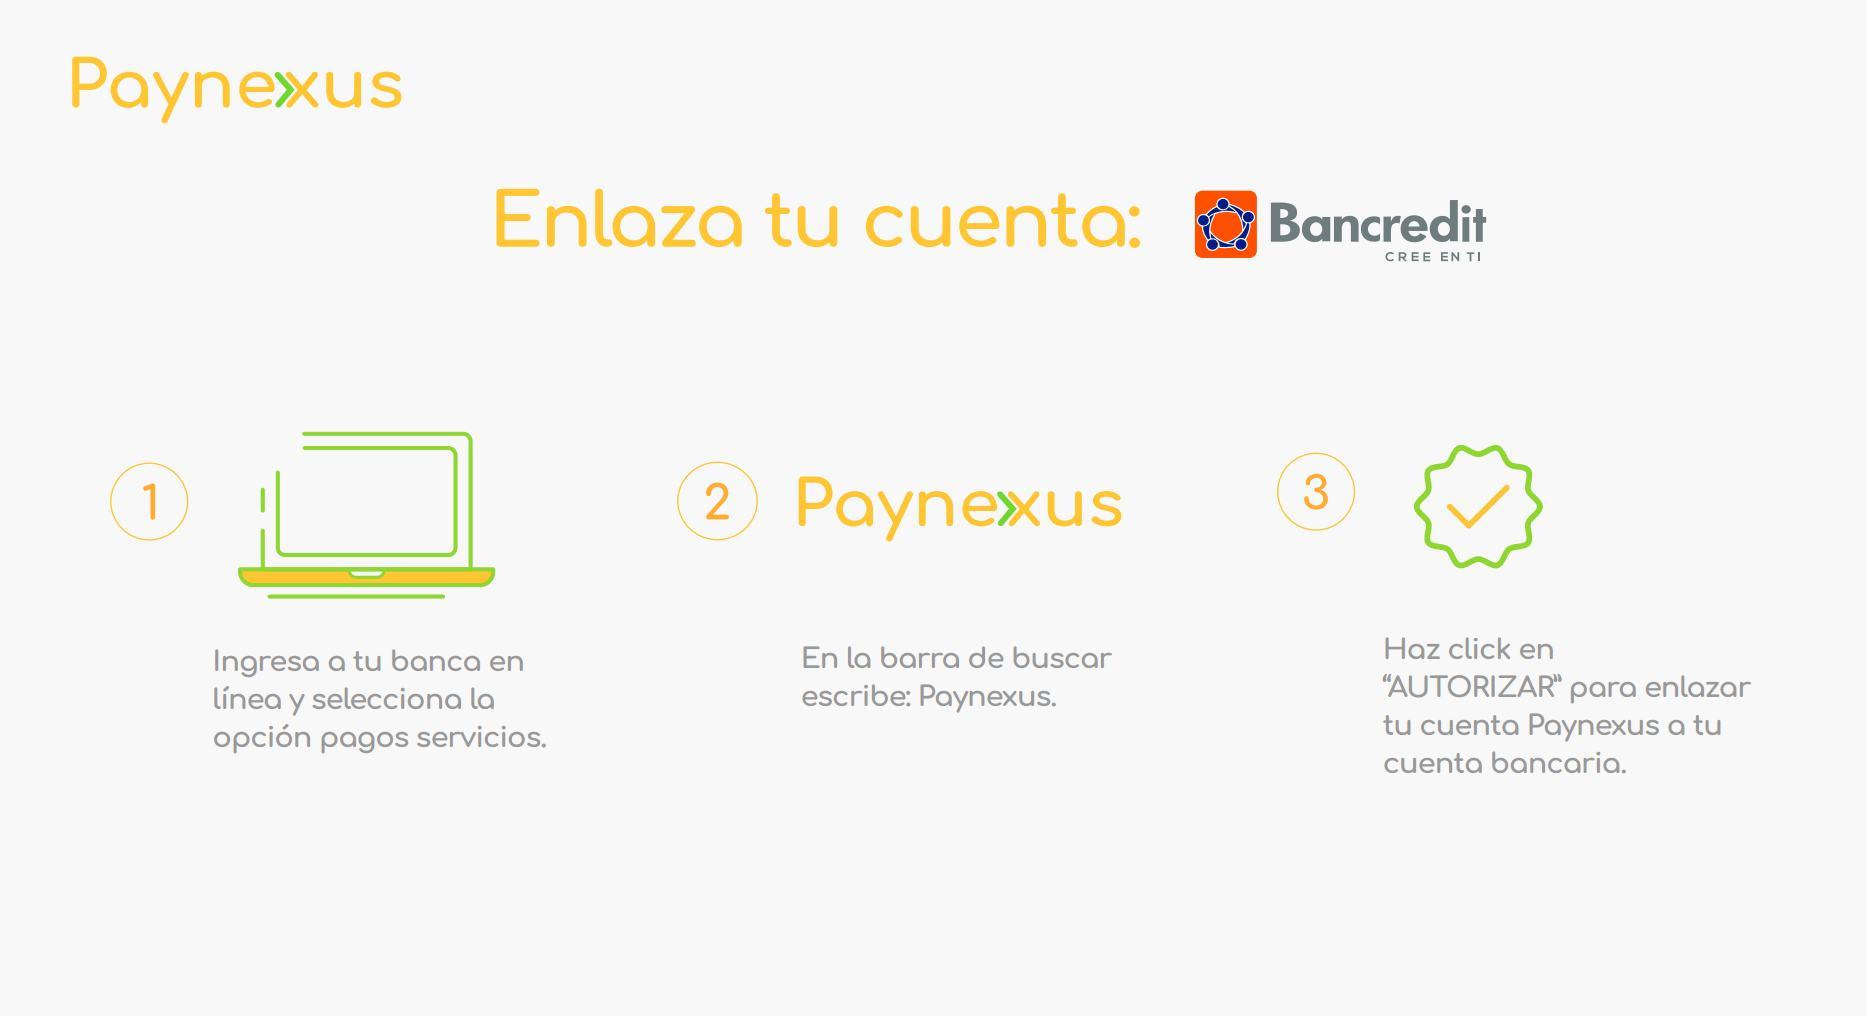 Asociar cuenta Bancredit